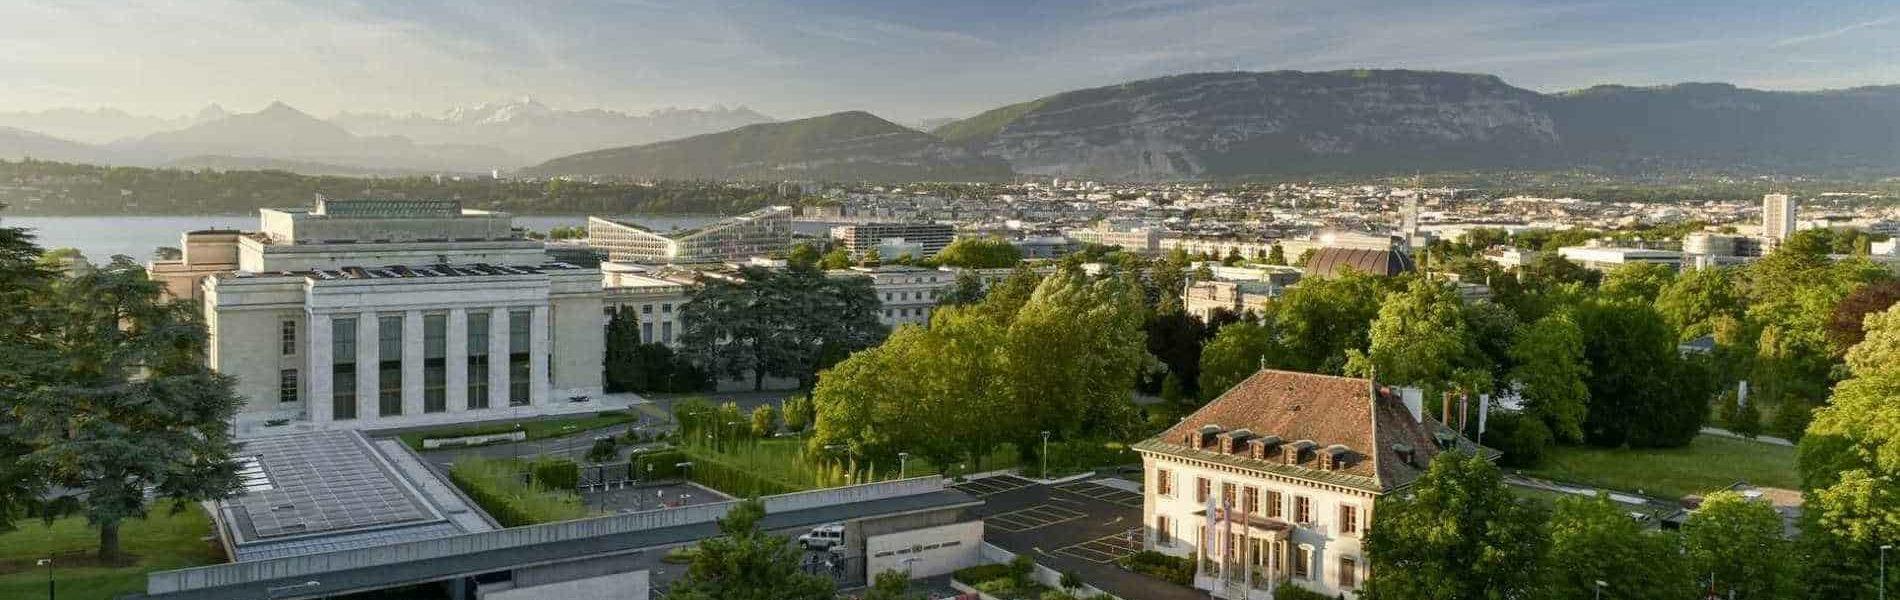 Contacter l'Ecole Hôtelipre de Genève en Suisse